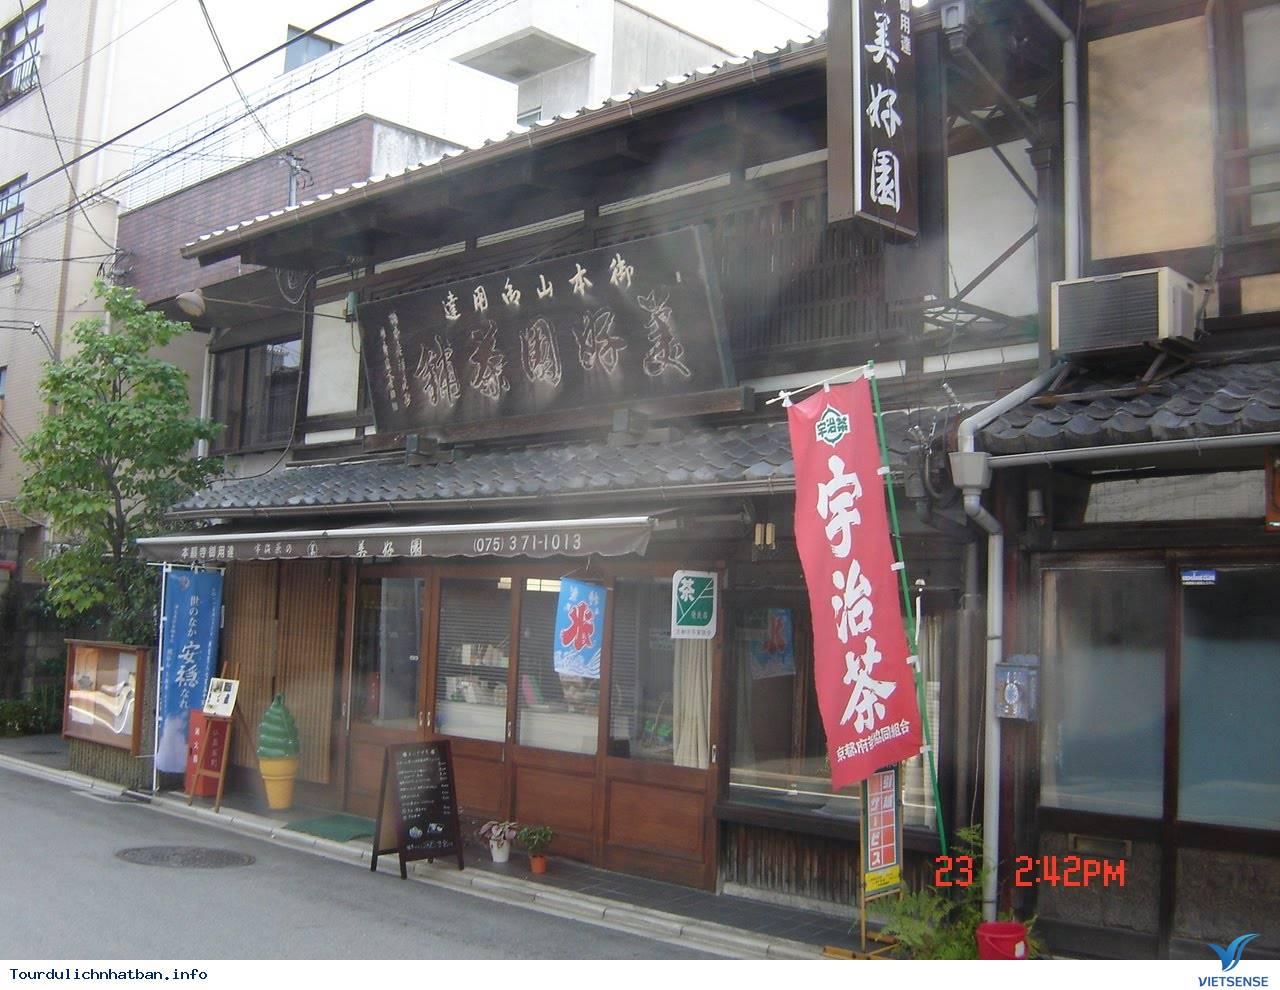 Quán trà đạo Bikoen nổi tiếng lâu đời tại Kyoto Nhật Bản